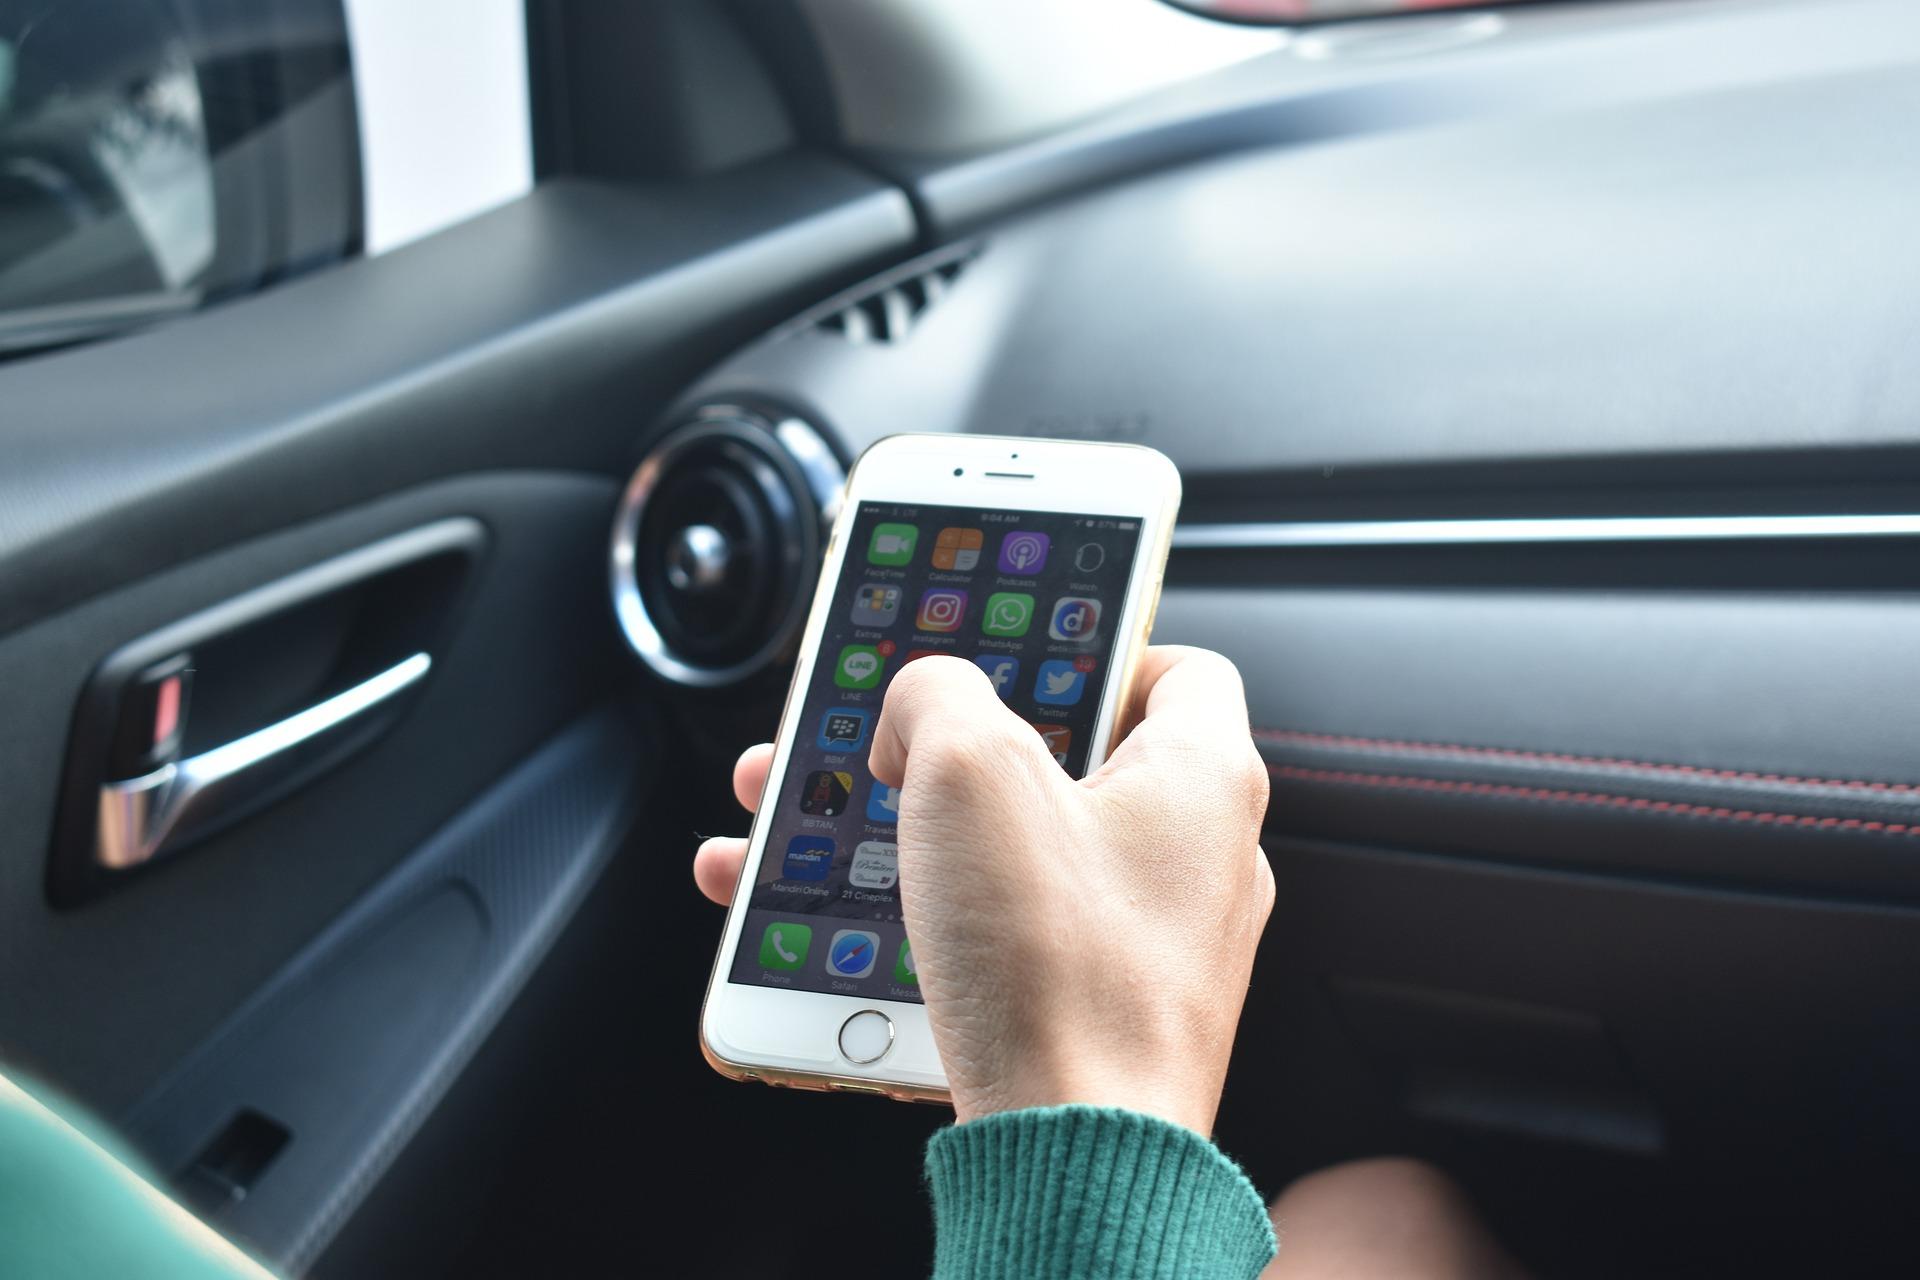 iOS 13.4.5 nous renseigne sur l'iPhone 9 avec Touch ID, CarKey et le mode Express Transit